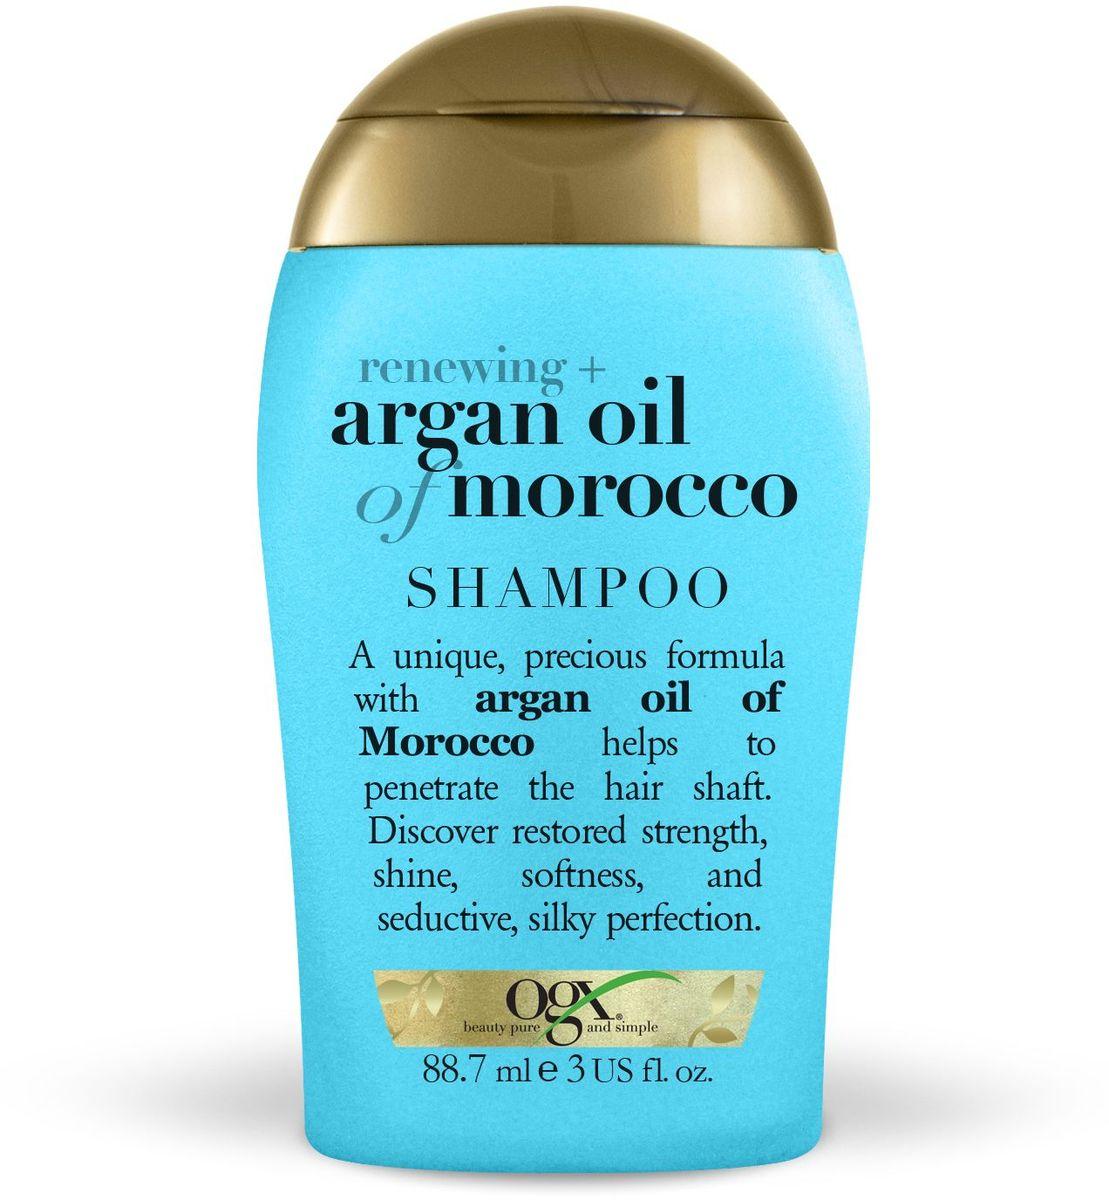 OGX Мини шампунь для восстановления волос с аргановым маслом, 89 мл.32371AШампунь для восстановления волос с аргановым маслом, обогащенный антиоксидантами, способствует обновлению клеточной структуры волос, придает сияния и мягкость.